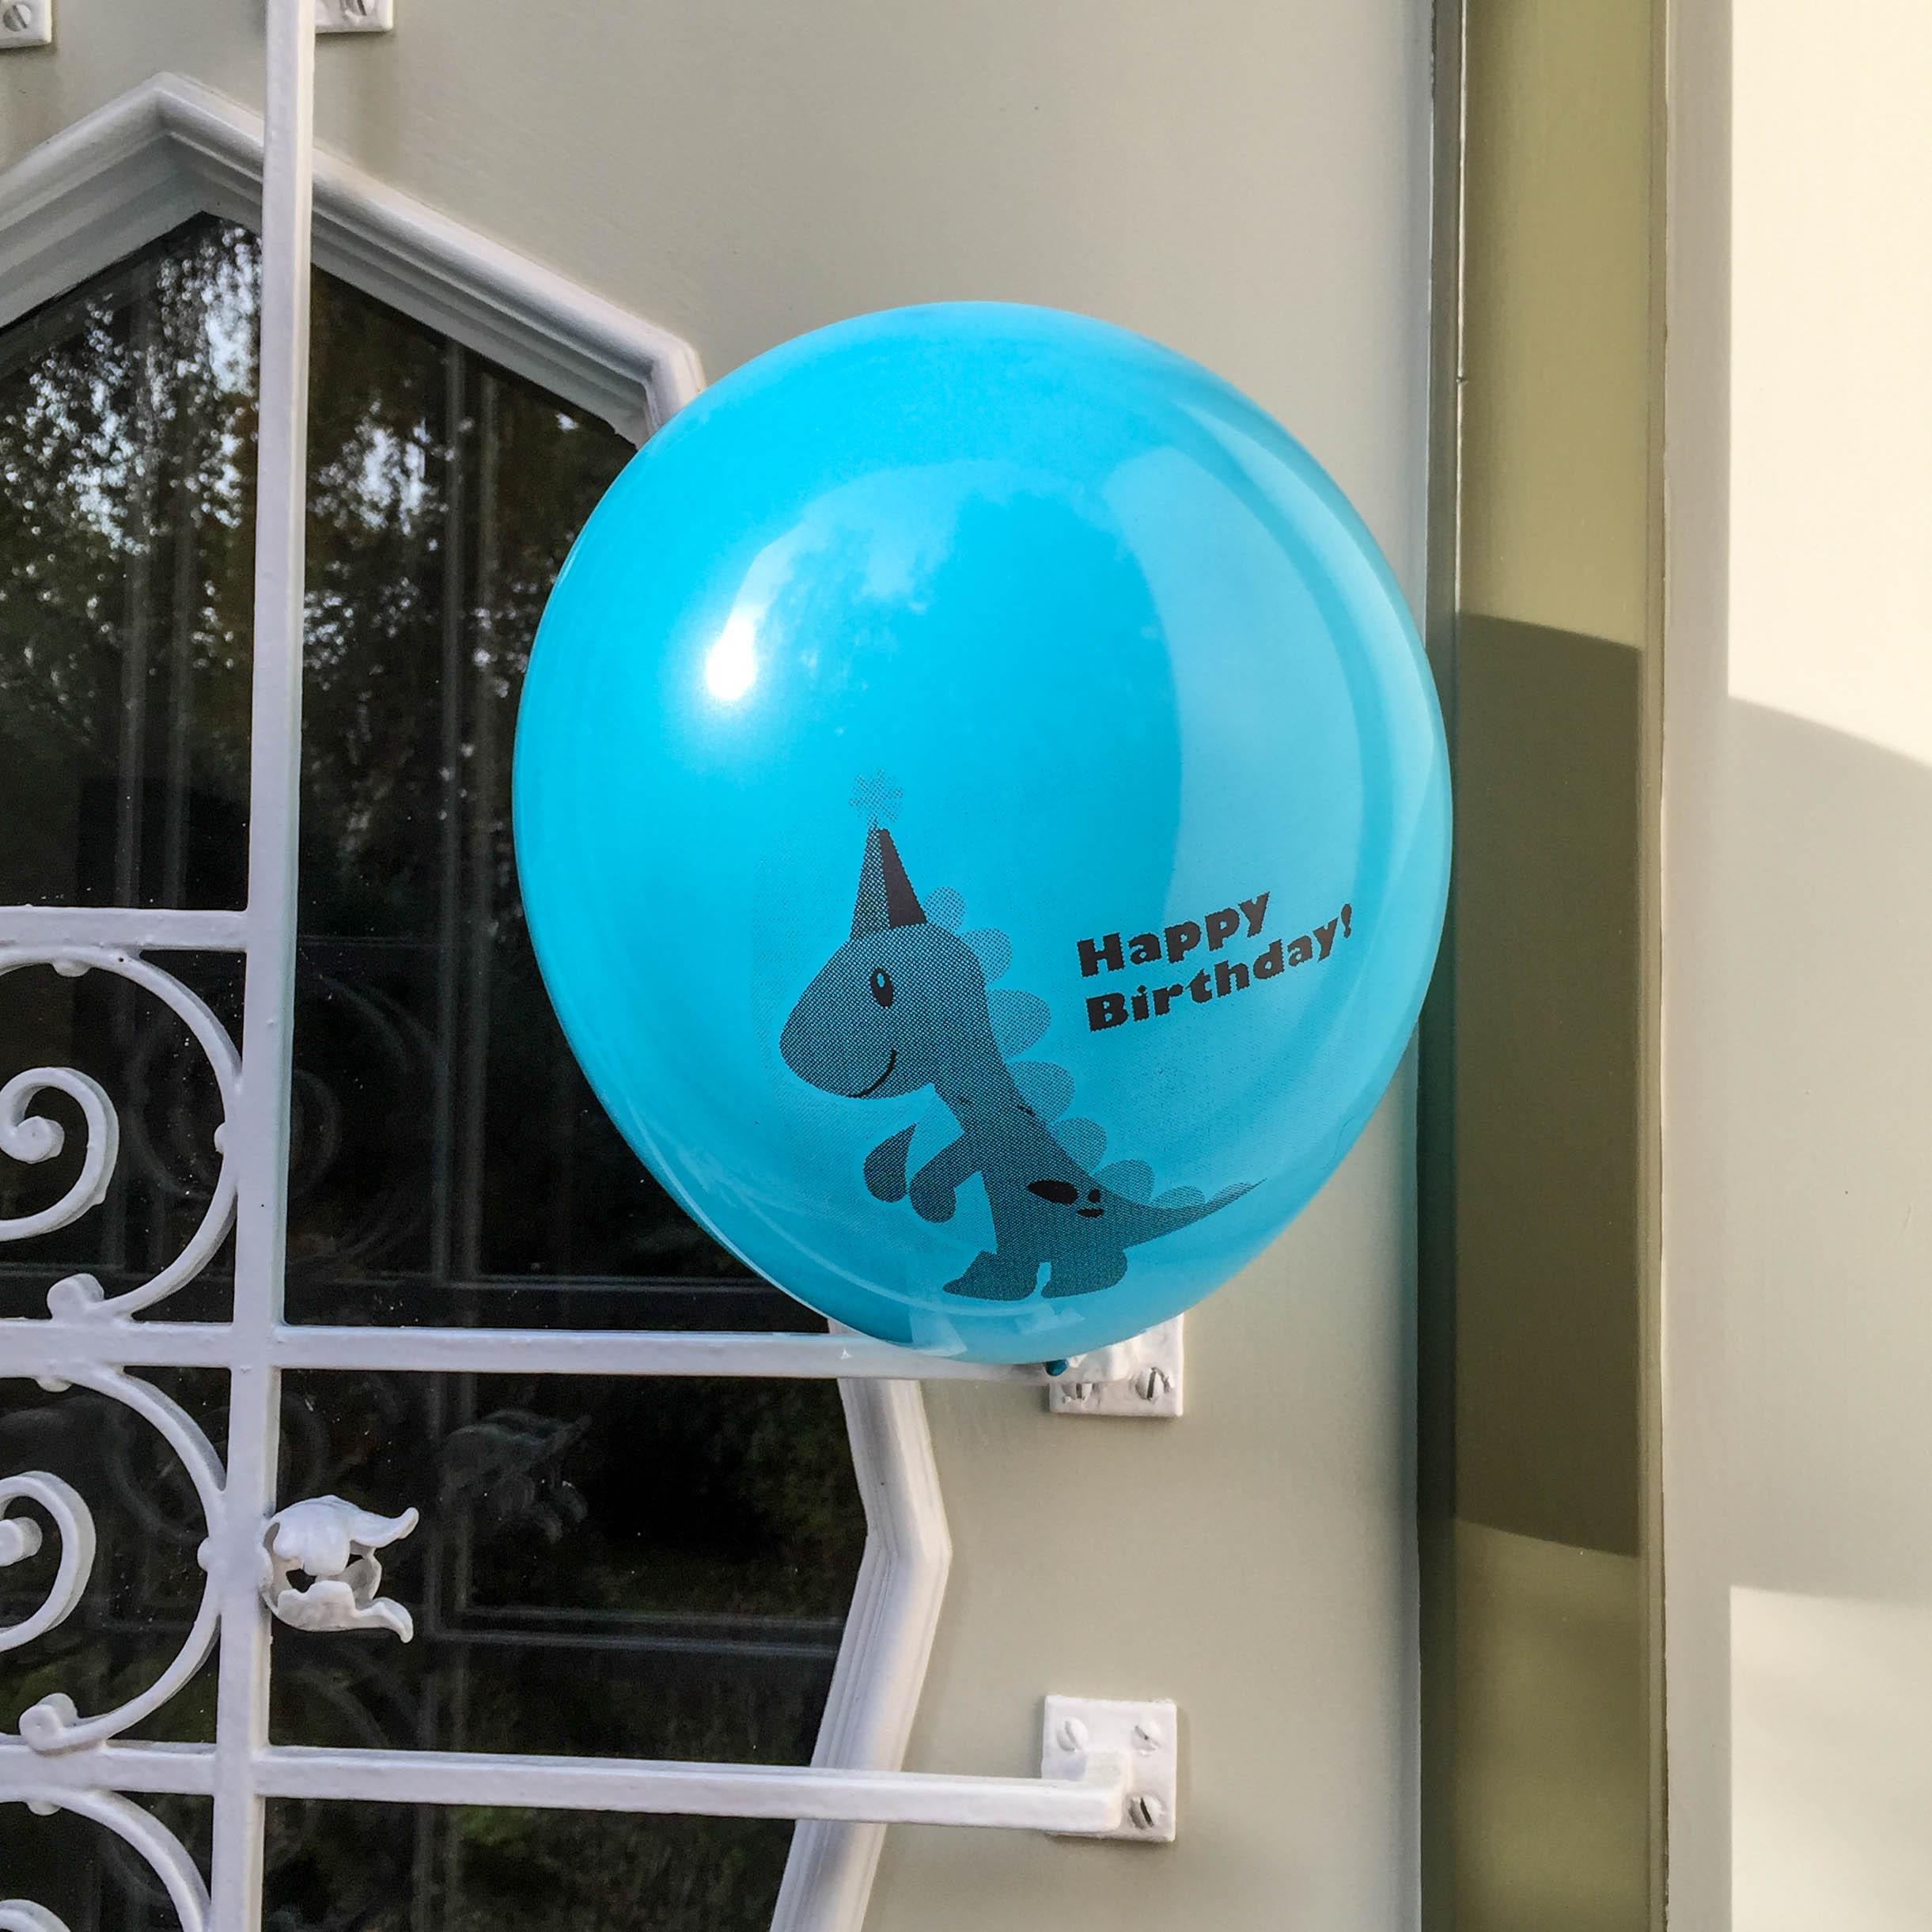 Ballon-7638